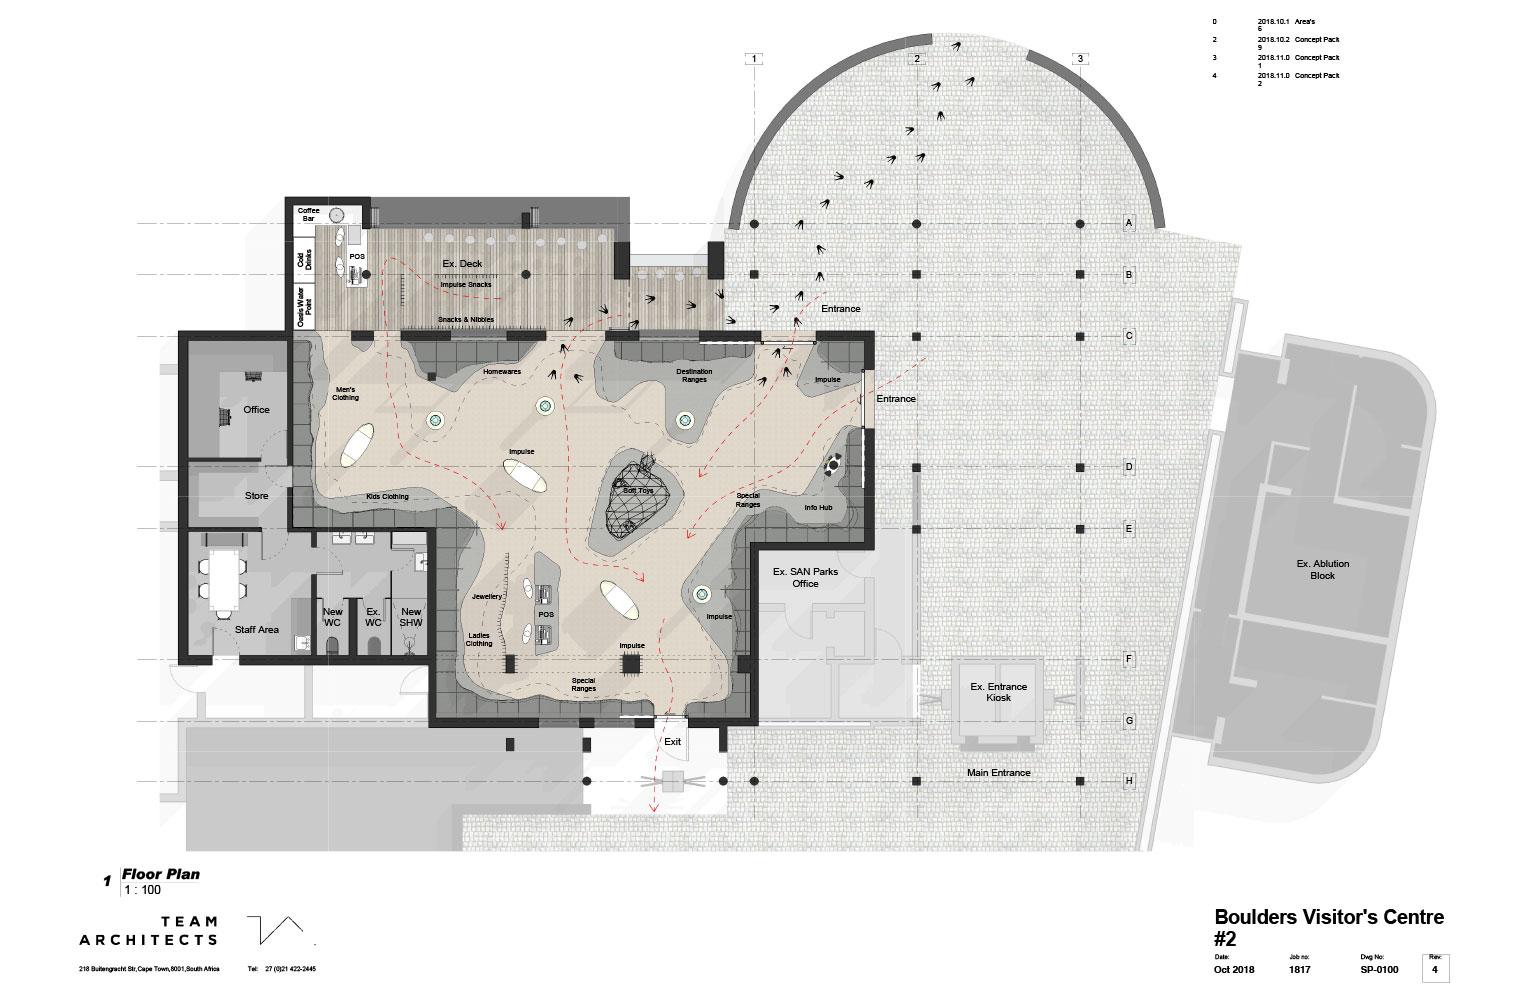 Boulders visitors centre – Plan